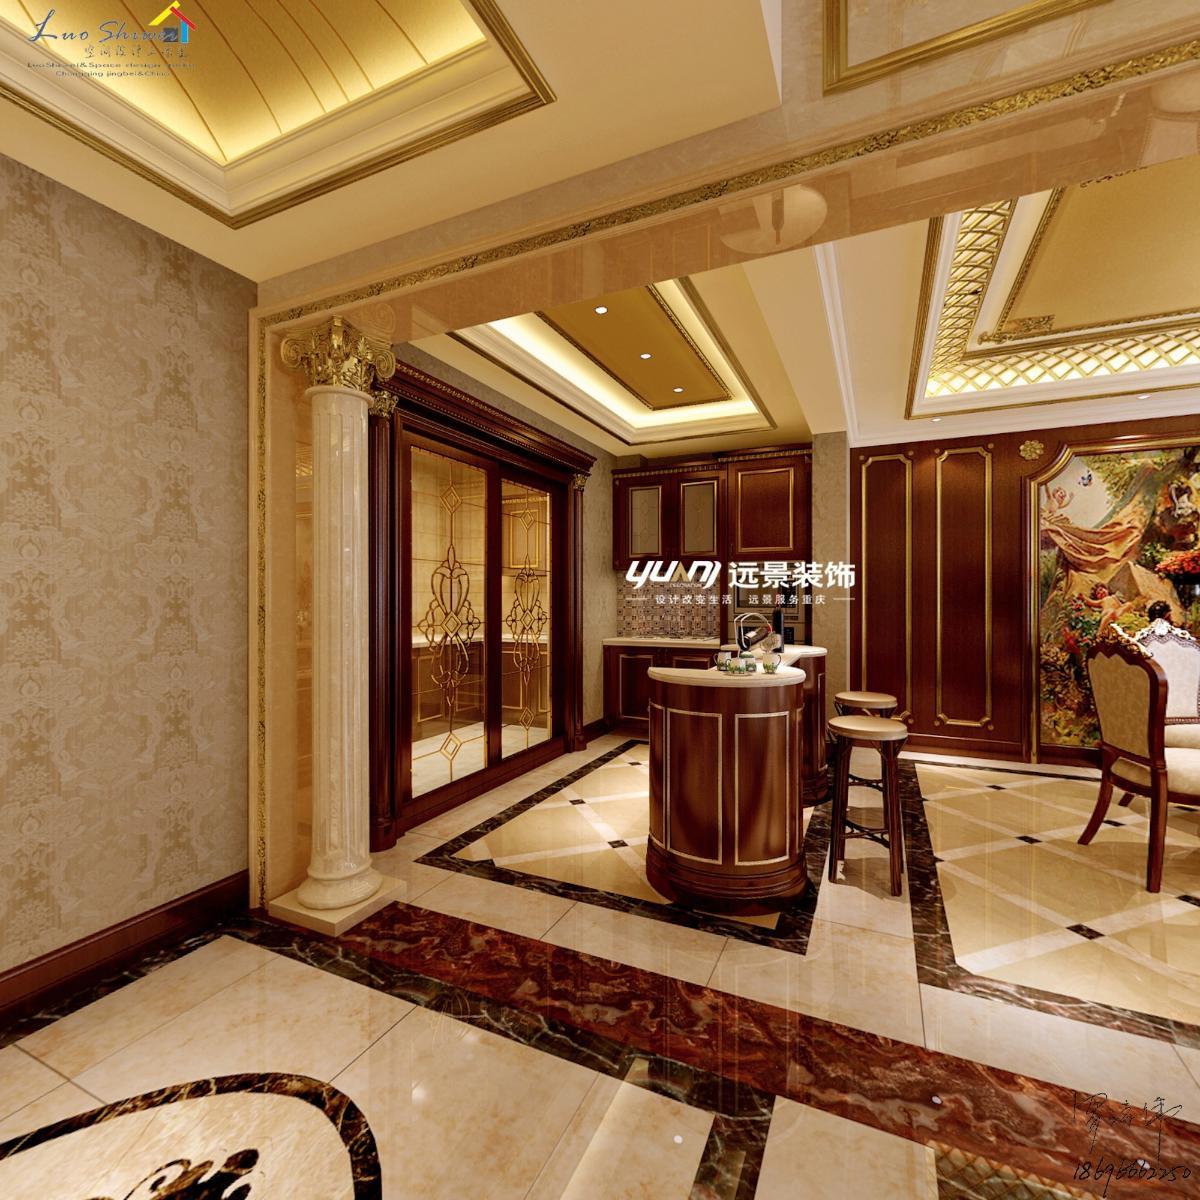 渝北两江新区装修公司华宇天宫花城欧式混搭法式新古典案例图片